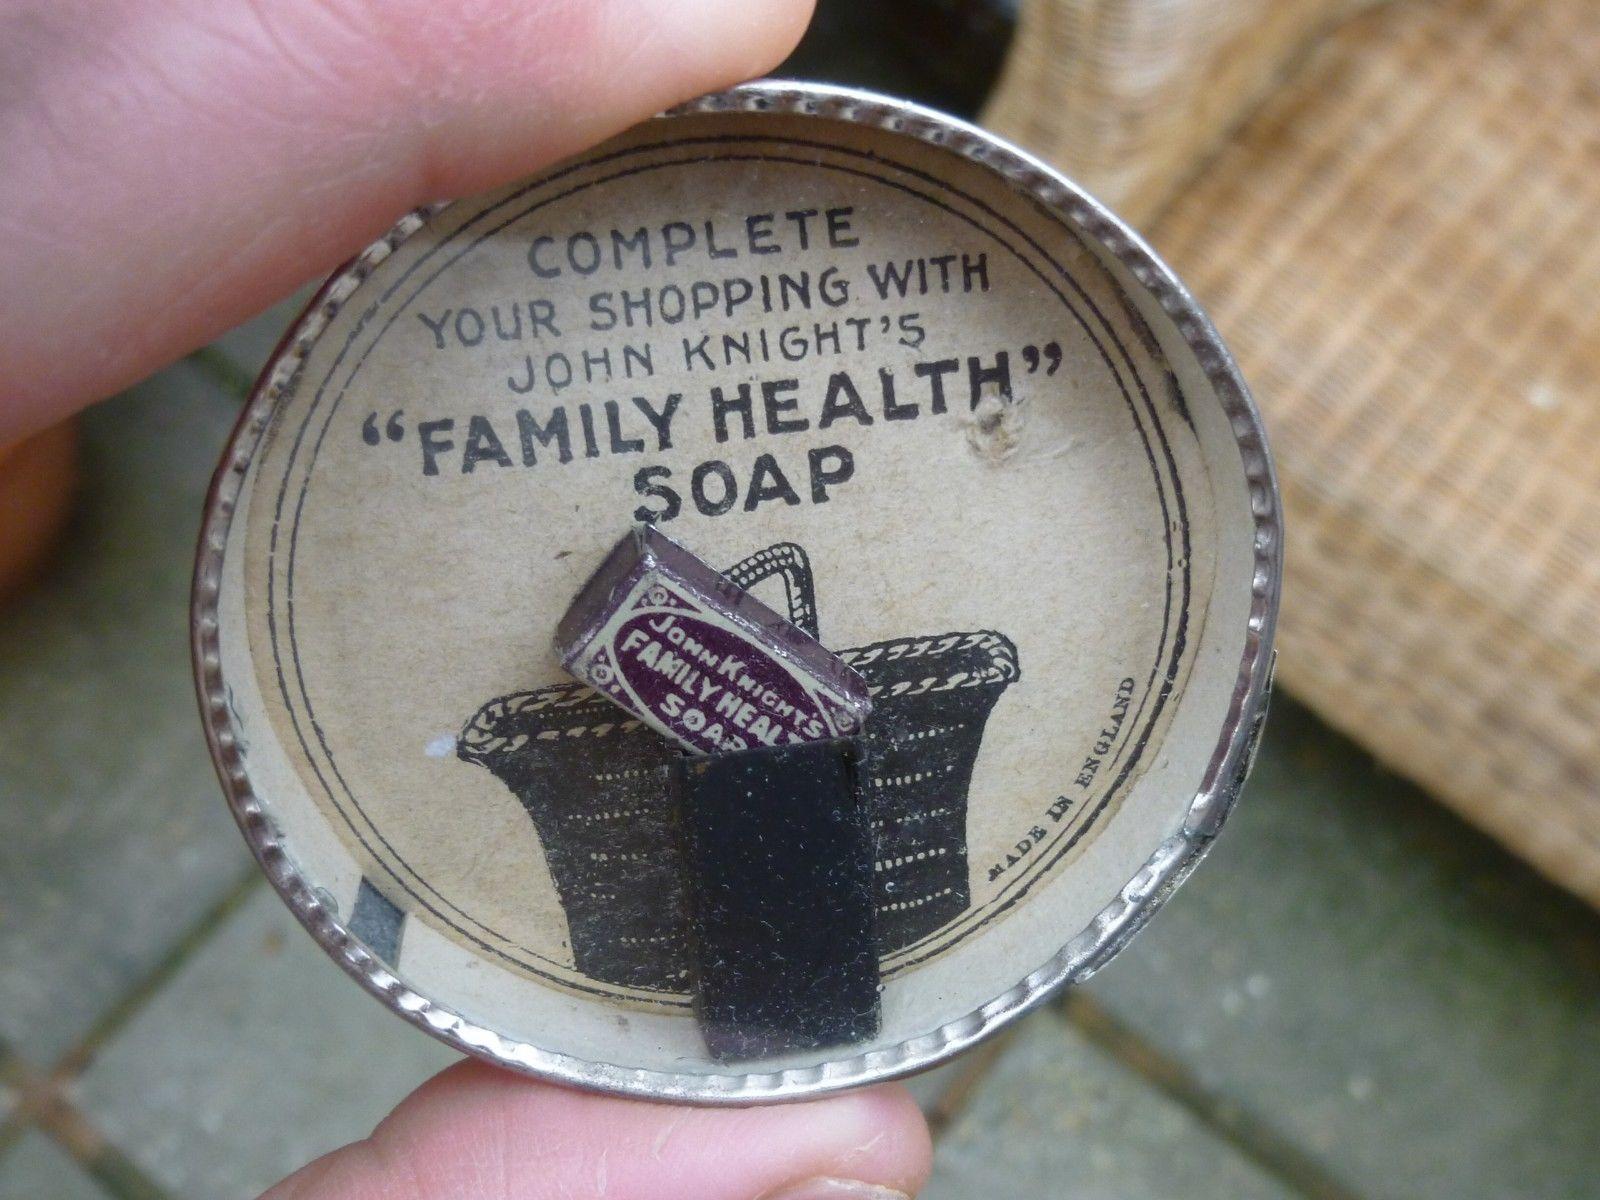 Family health soap dexterity puzzle - side A | Dexterity | Vintage